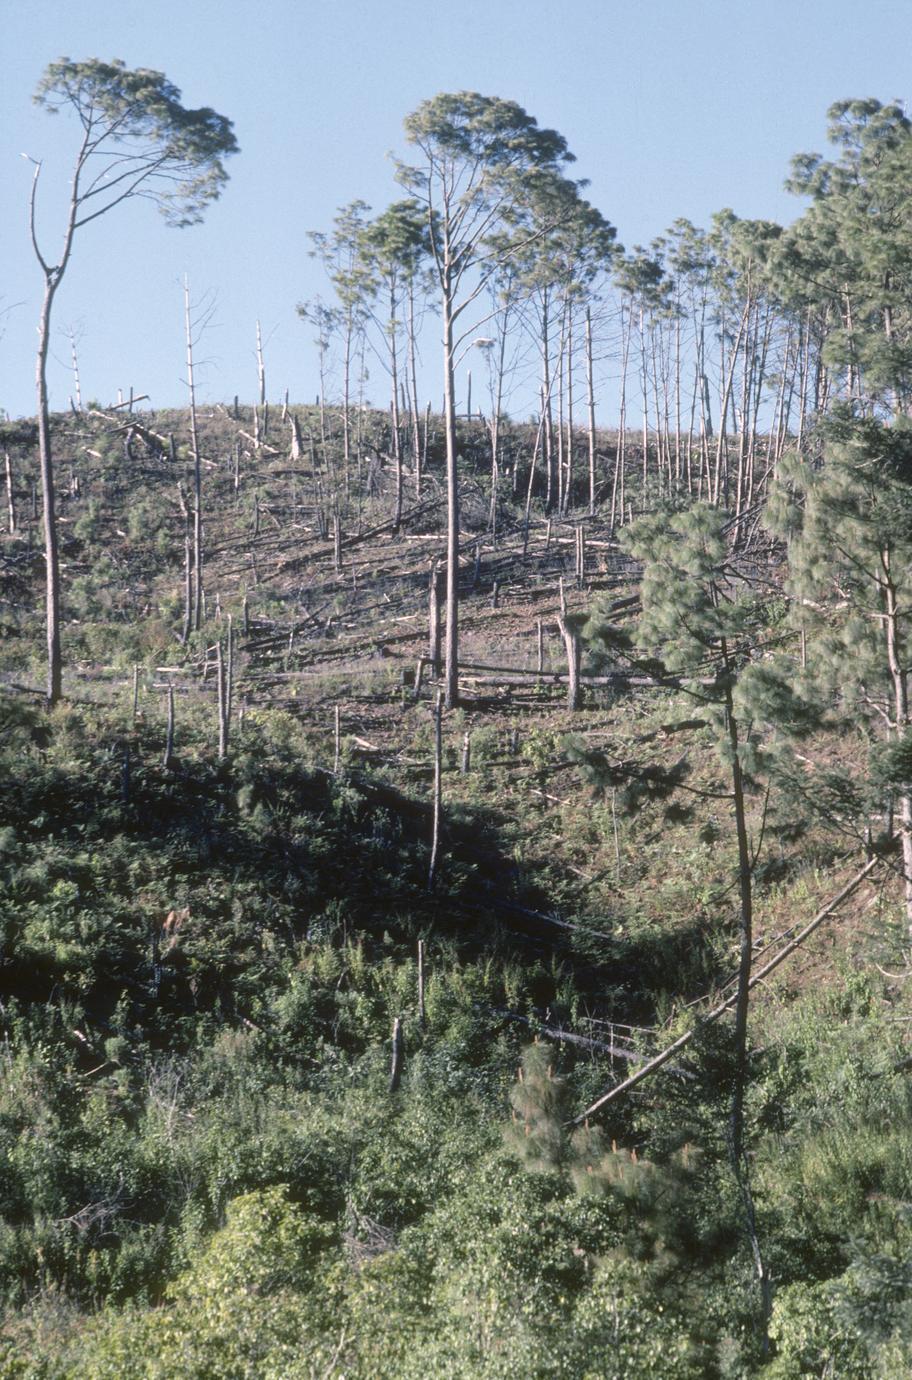 Burned-over pine forest, Sierra de Manantlán